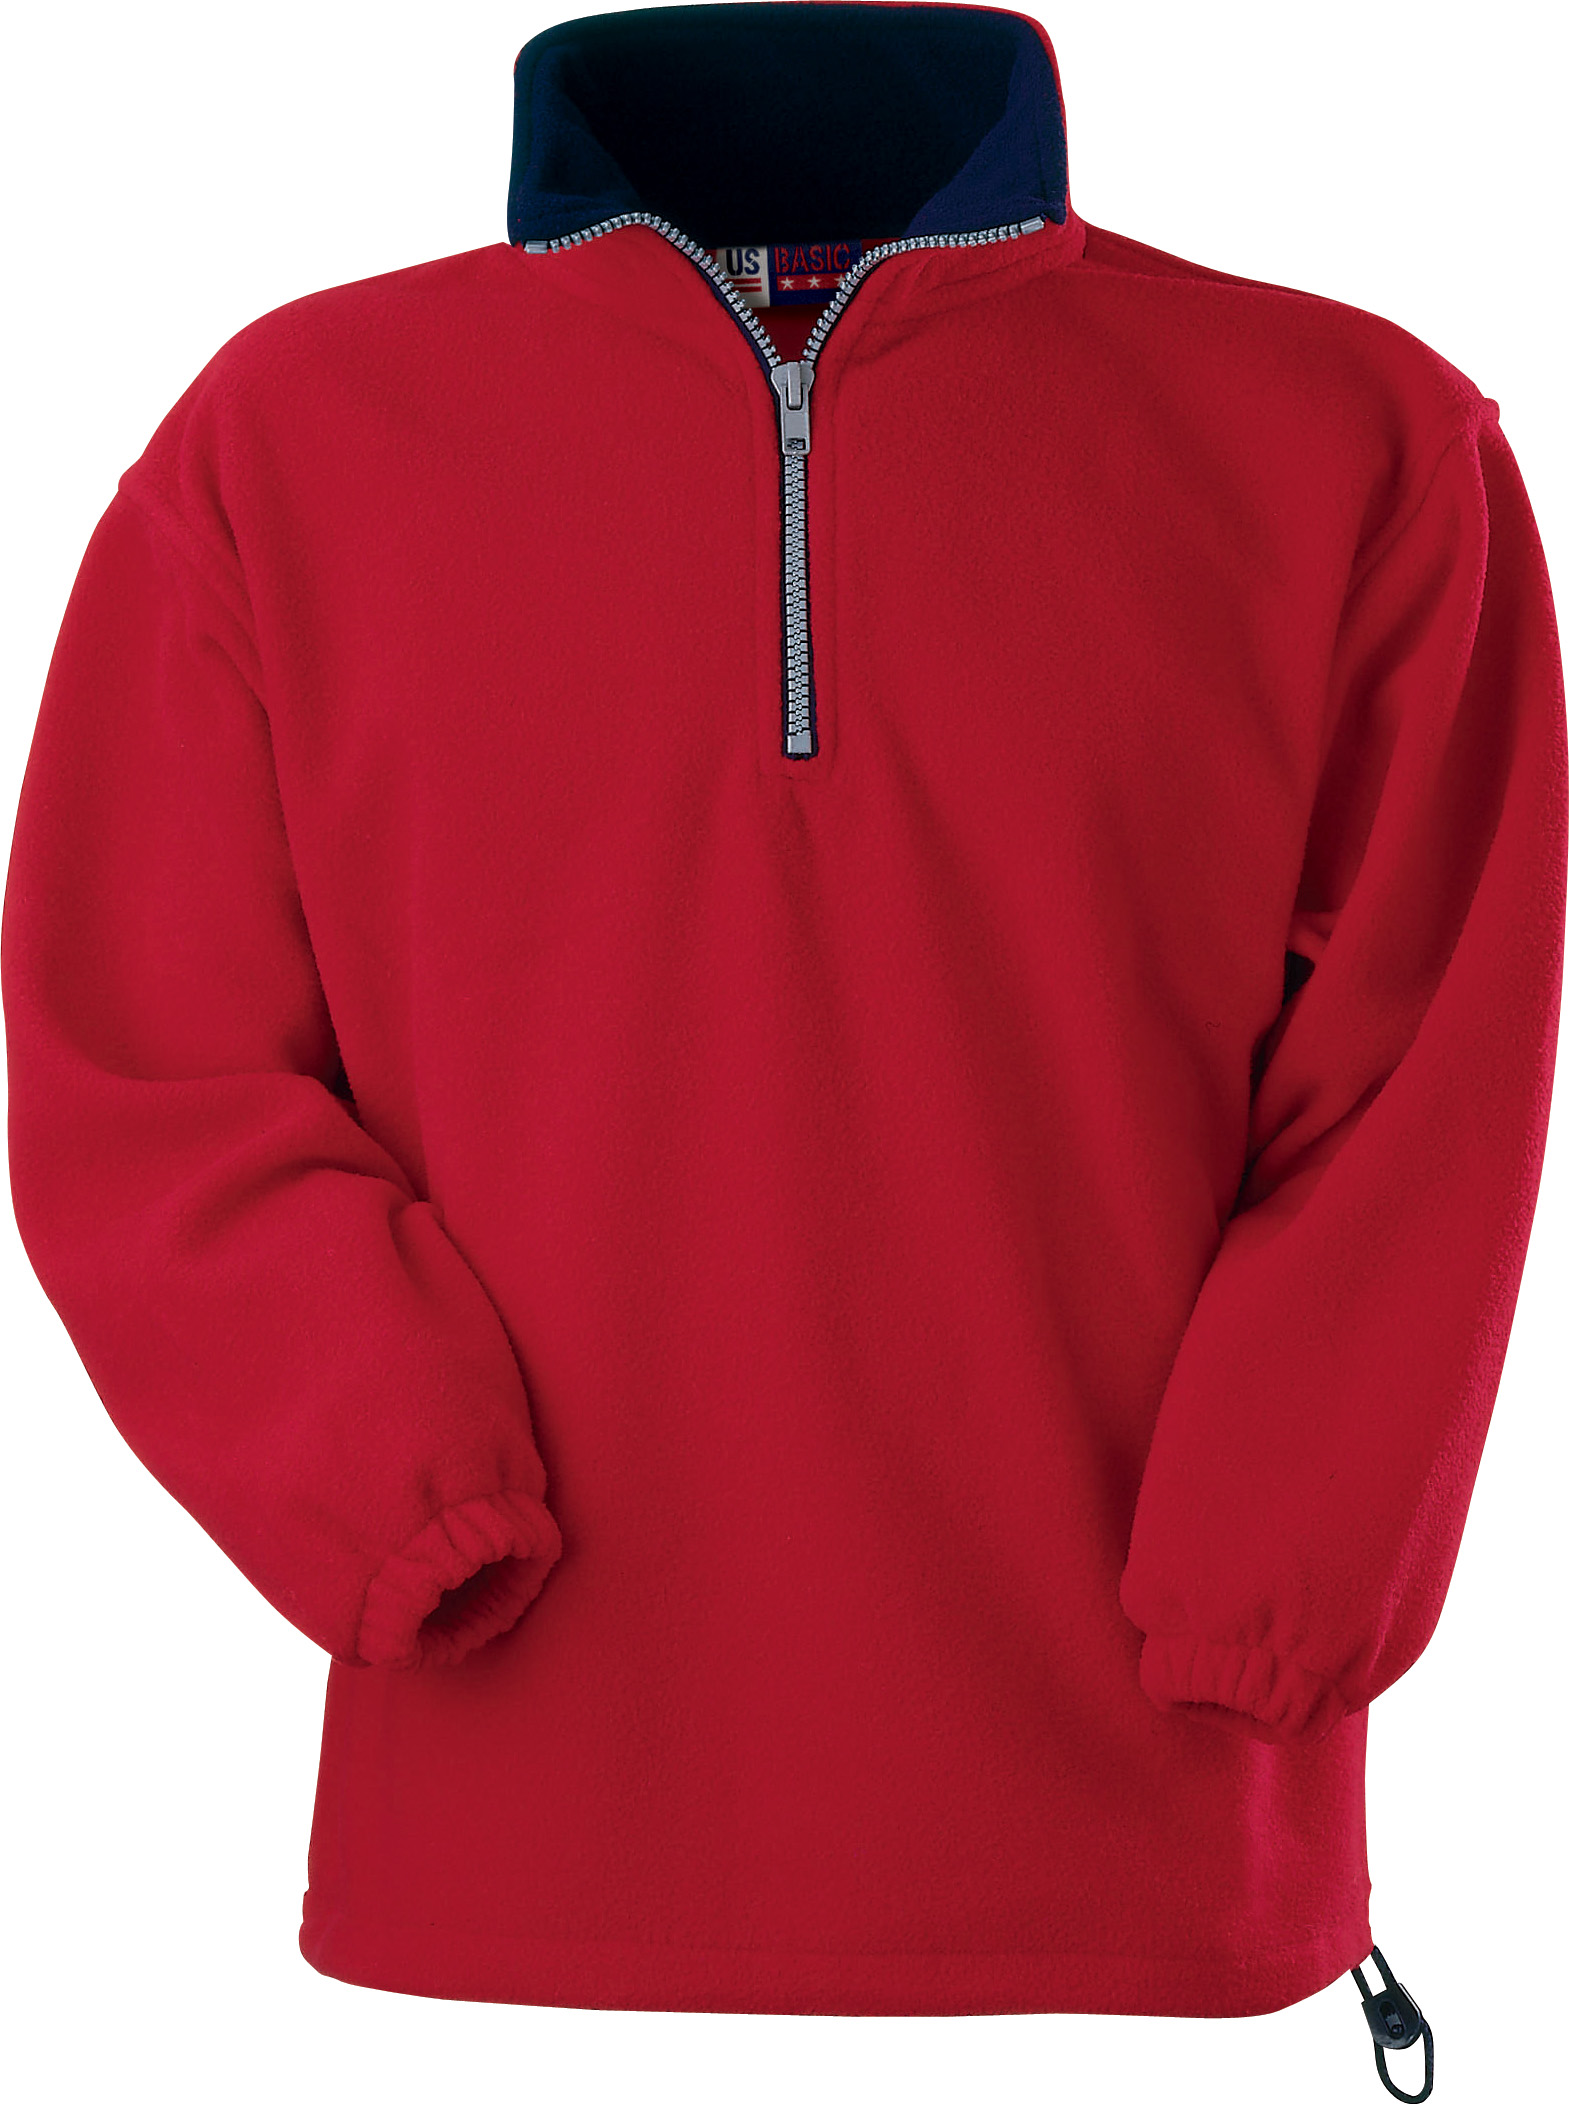 Bluza Polarowa 31797 Taos Us - 31797_czerwony_granatowy_US - Kolor: Czerwony/Granatowy